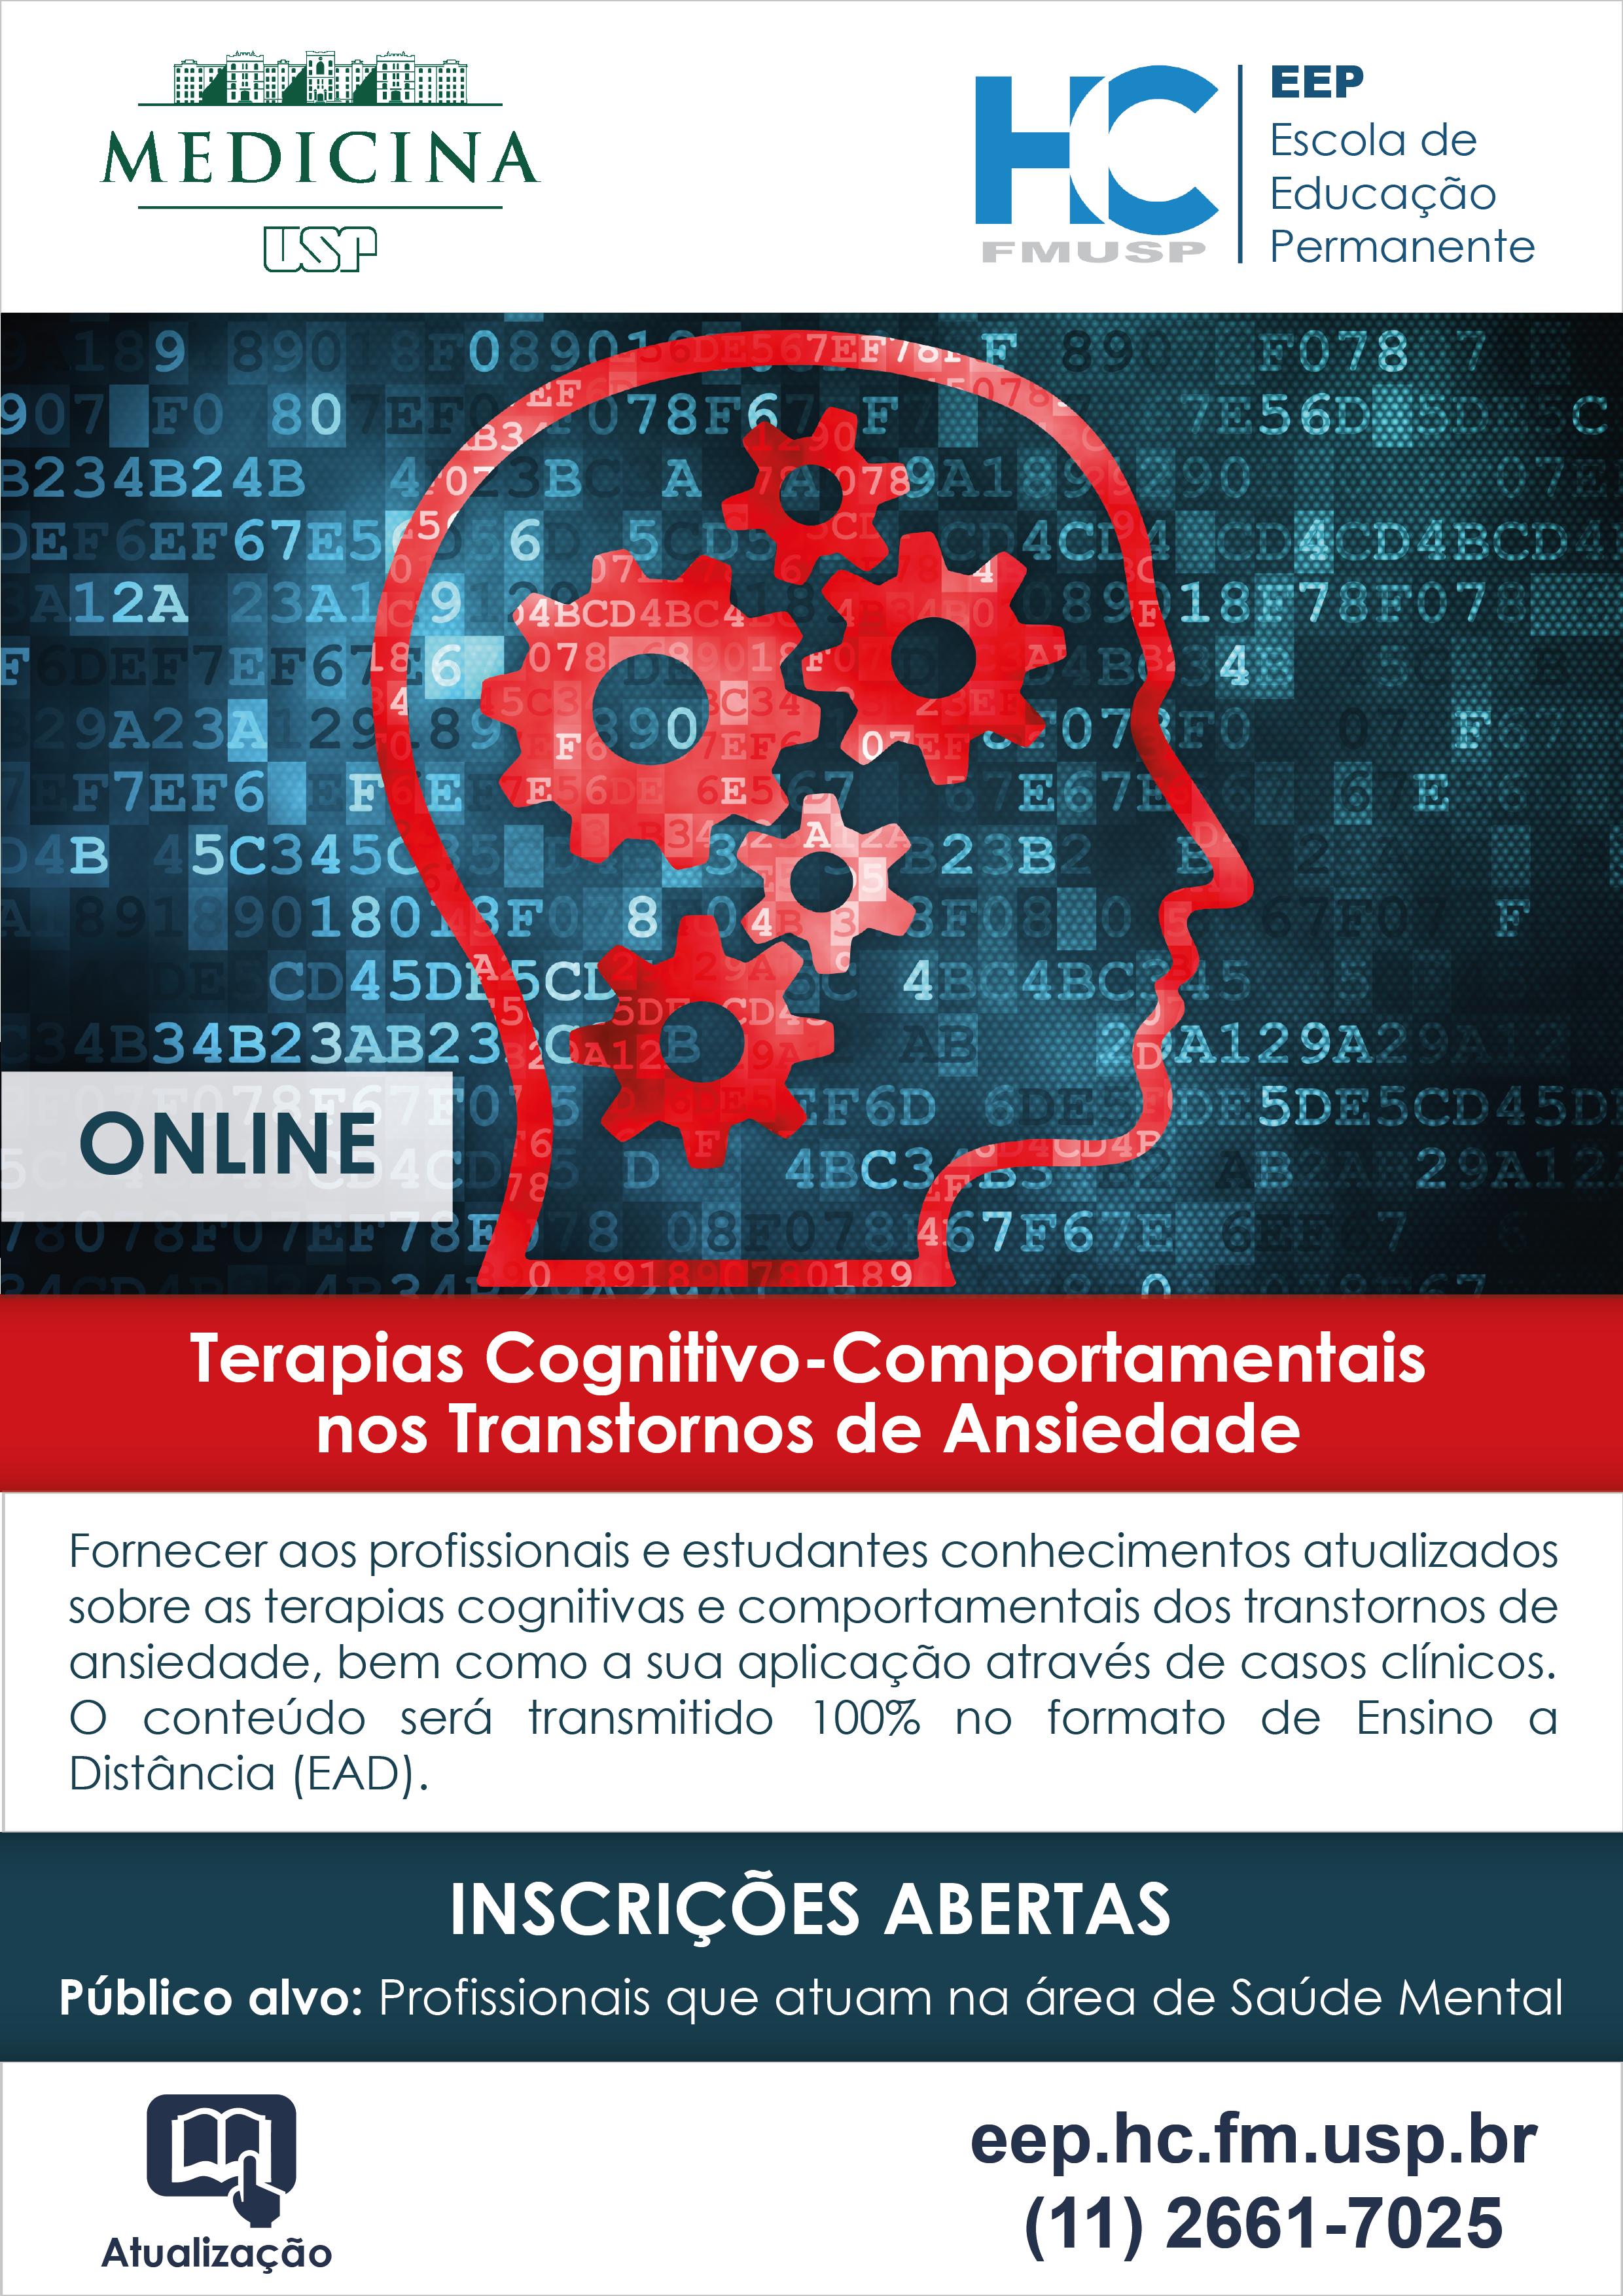 2016 08 22 Cartaz Terapias cognitivo (2)